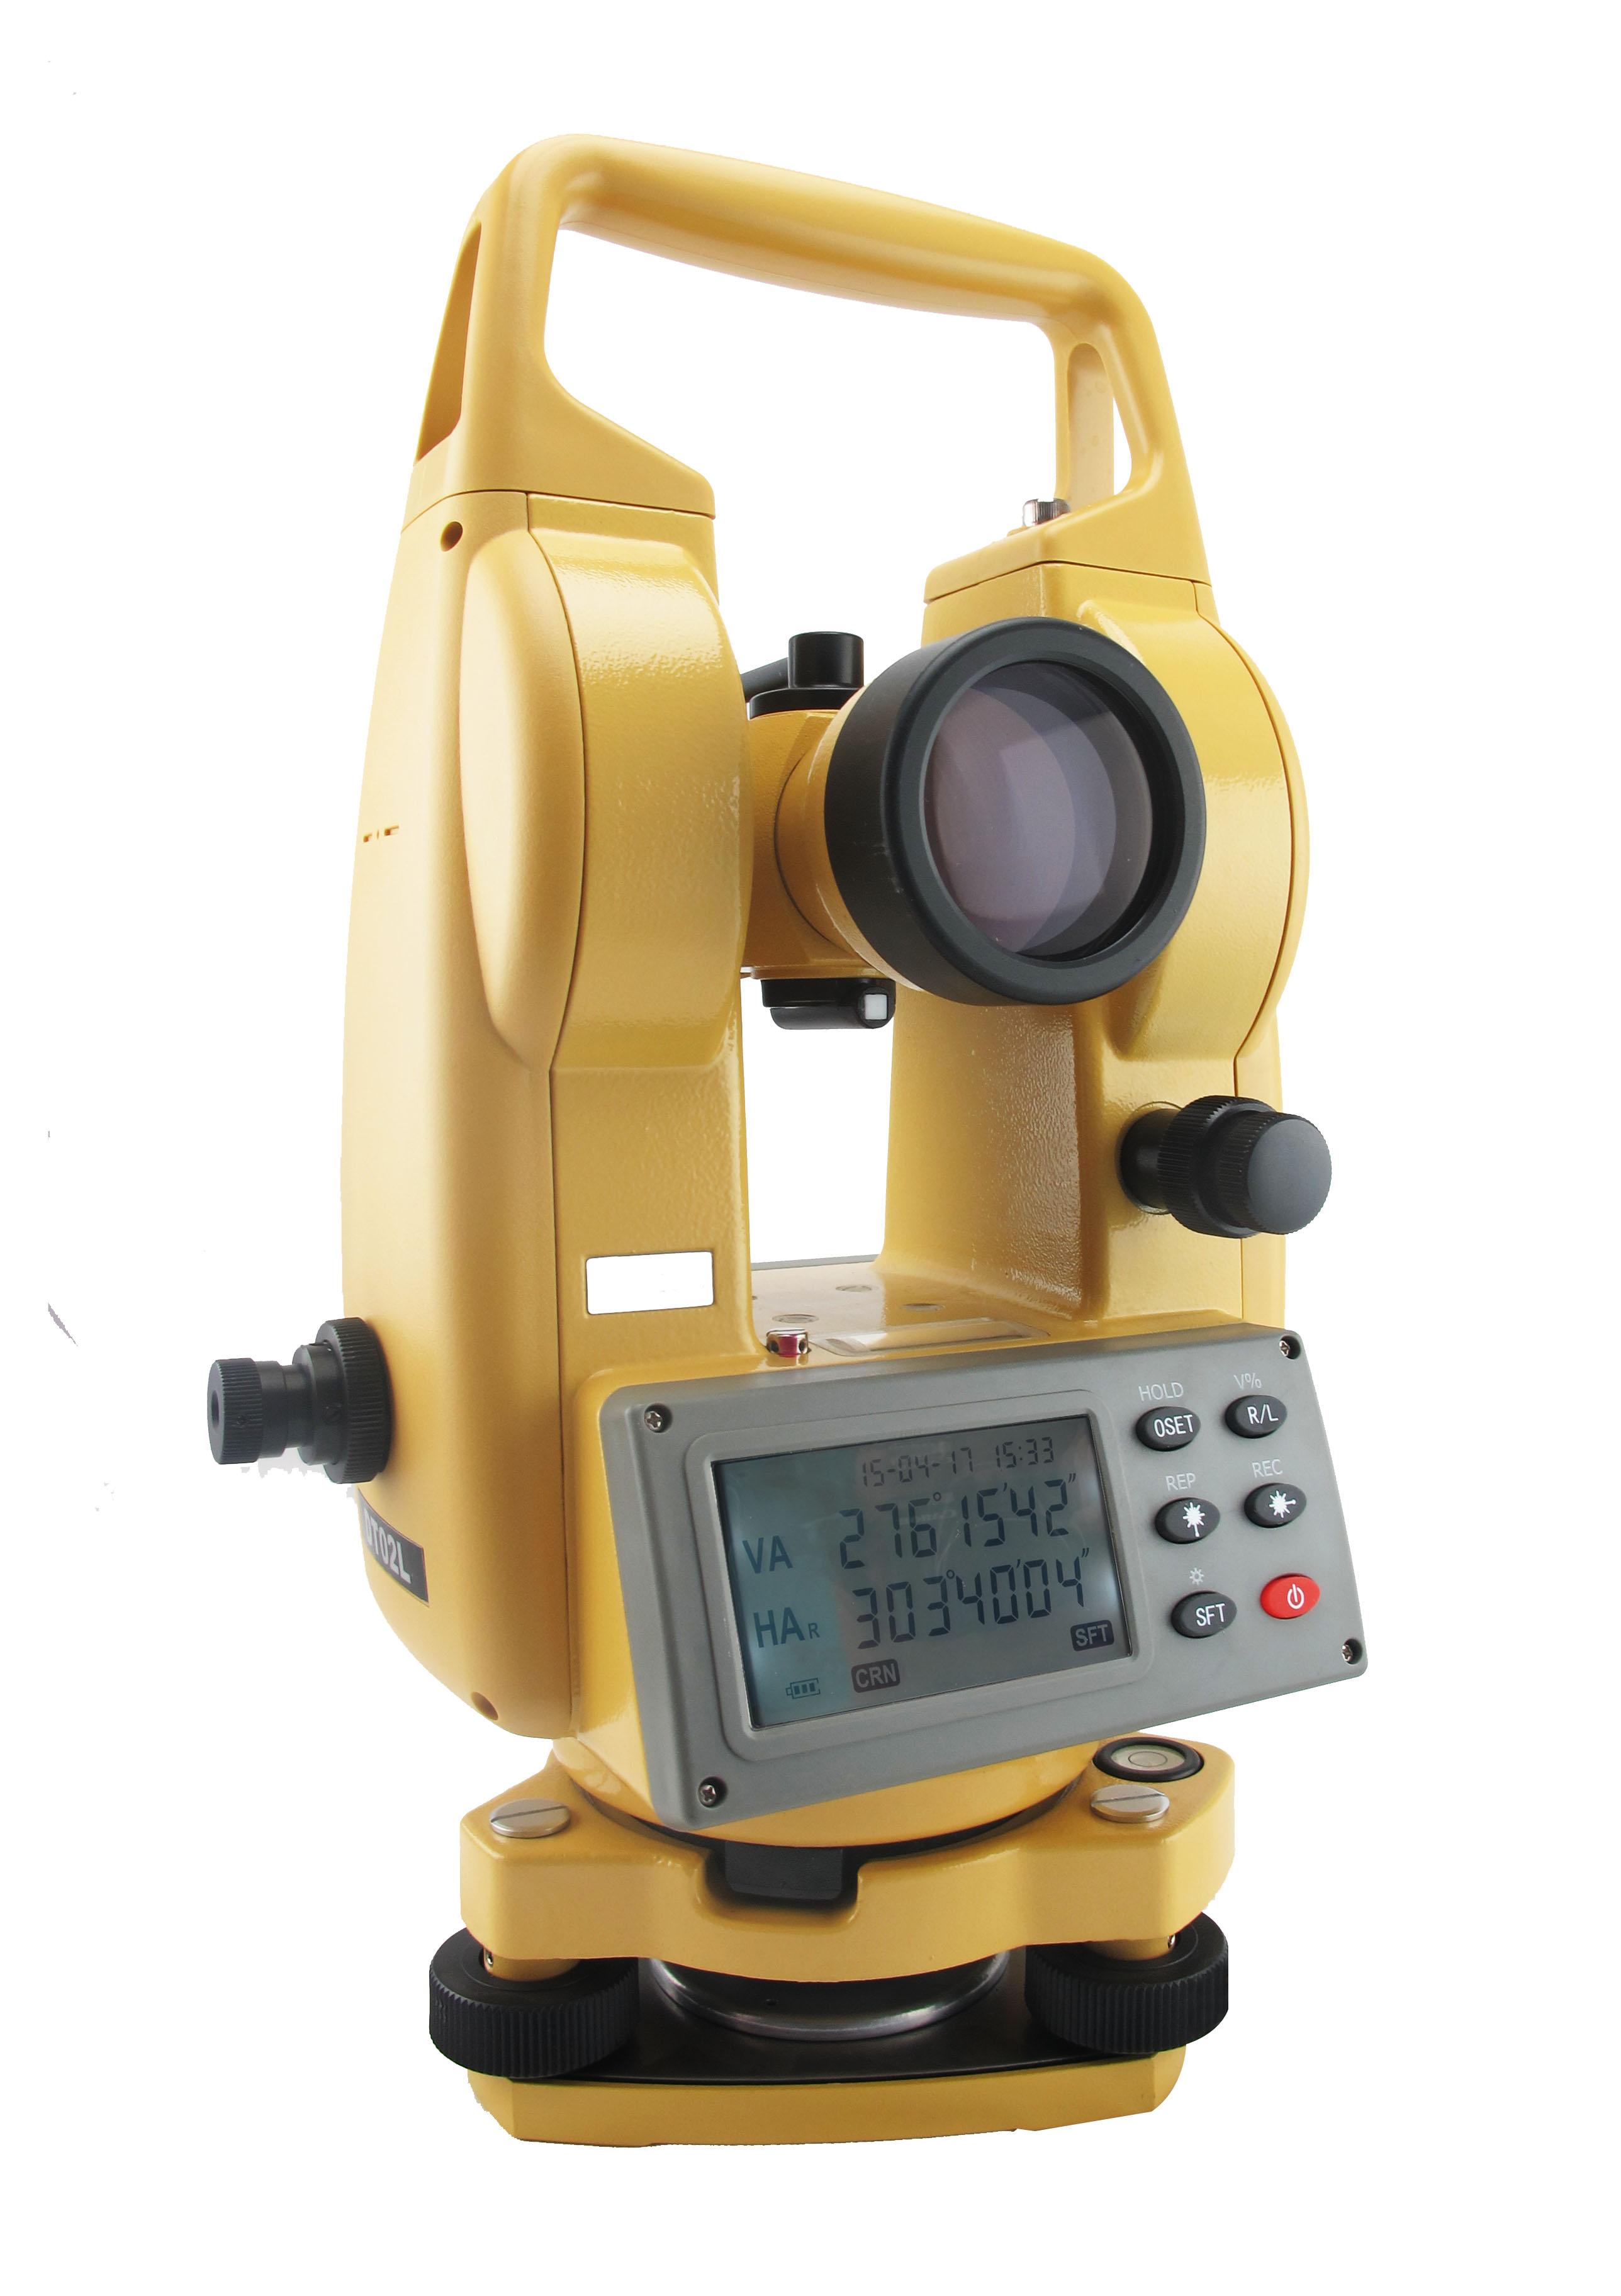 กล้องวัดมุม CIVIL รุ่น DT-02L (Laser), จำหน่ายกล้องวัดมุม CIVIL รุ่น DT-02L (Laser) และกล้องวัดมุมแบรนด์ดังหลายยี่ห้อ  อุปกรณ์สำรวจอื่นๆ บริการซ่อม,ให้เช่า,รับซื้อ  มีศูนย์ซ่อมบริการปรับตั้งพร้อมใบรับรองโทร.086-086-2000